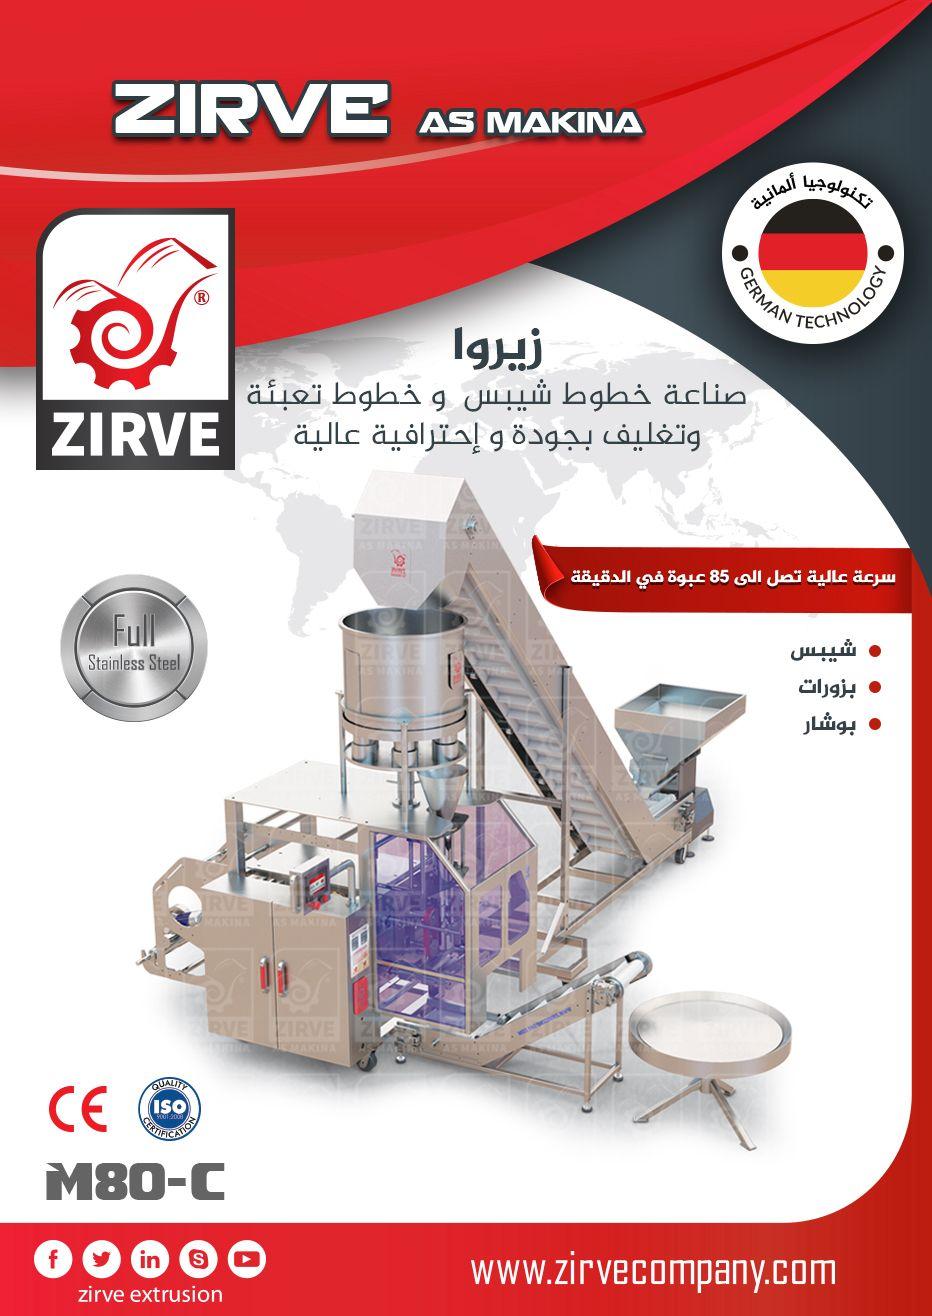 آلة تعبئة وتغليف حجميه المواصفات الفنية نظام العمل ميكانيك يتم التحكم بكافة حركات الآلة الكترونيا الطاقة الإنتاجية من 45 الى 80 عبوة في الدقيقة حسب ط